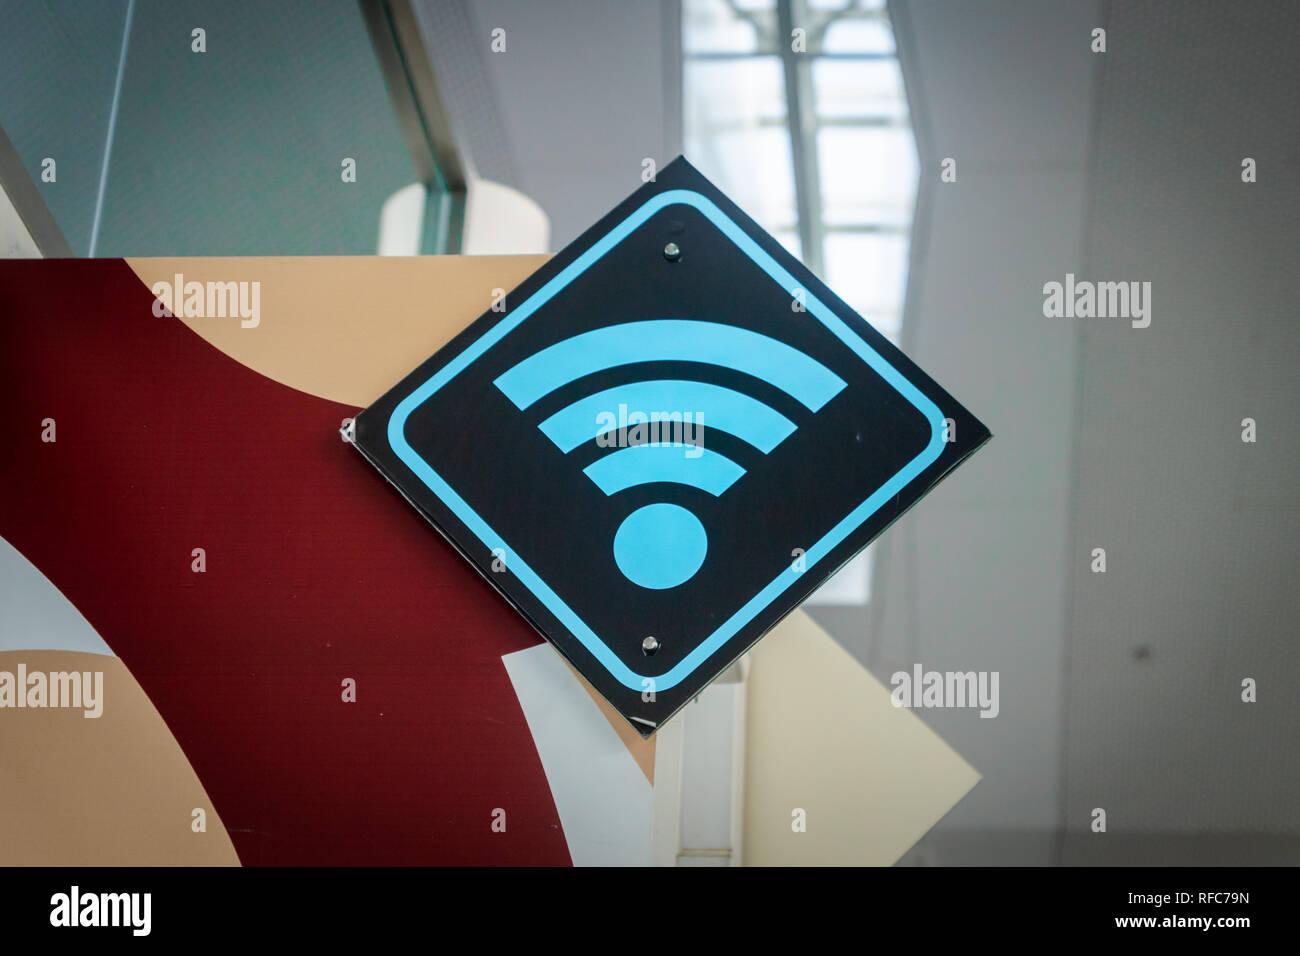 Servicio de internet WiFi firmar/icono de pasajero o viajero en aeropuerto Imagen De Stock